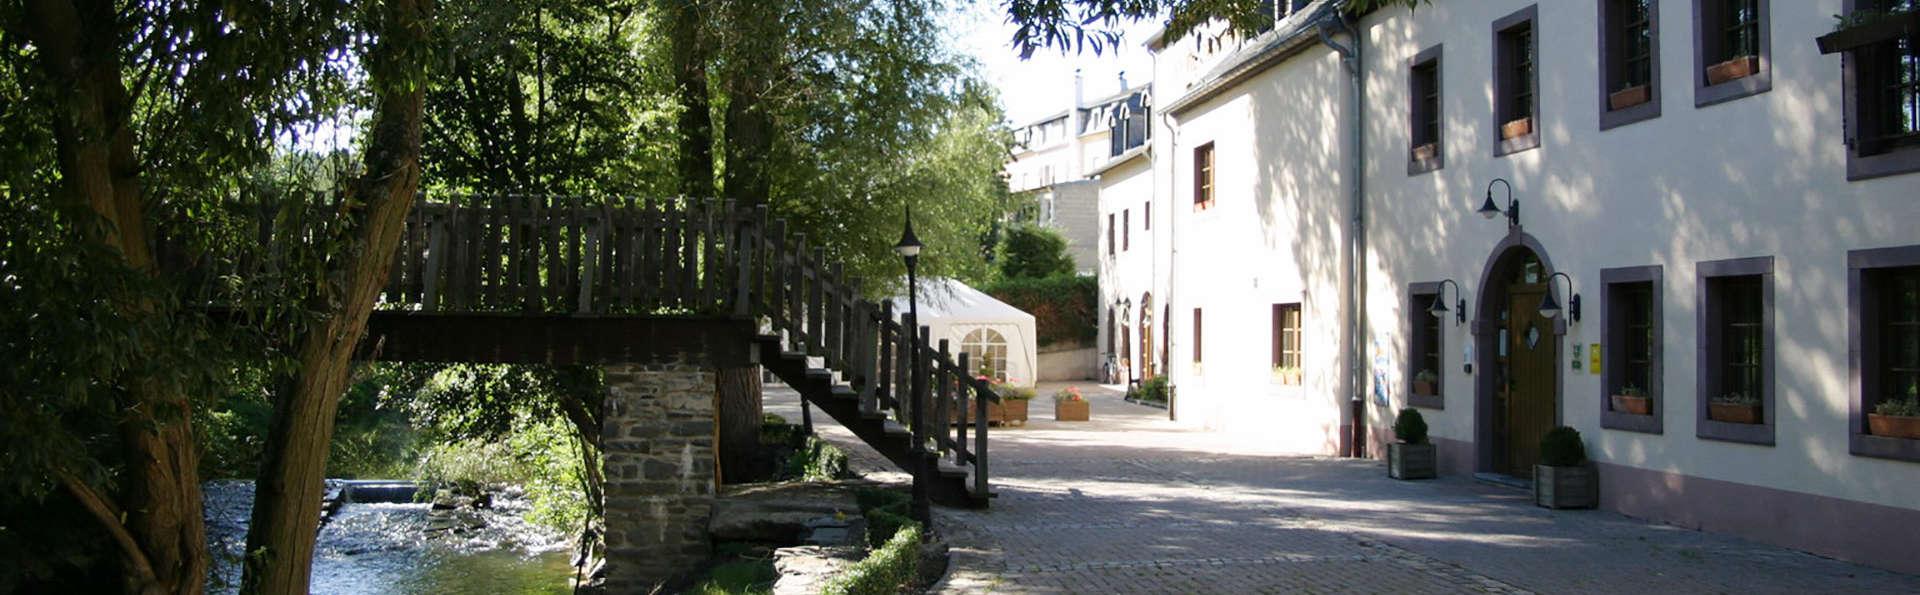 Hôtel Restaurant Aux Anciennes Tanneries - EDIT_exterior.jpg